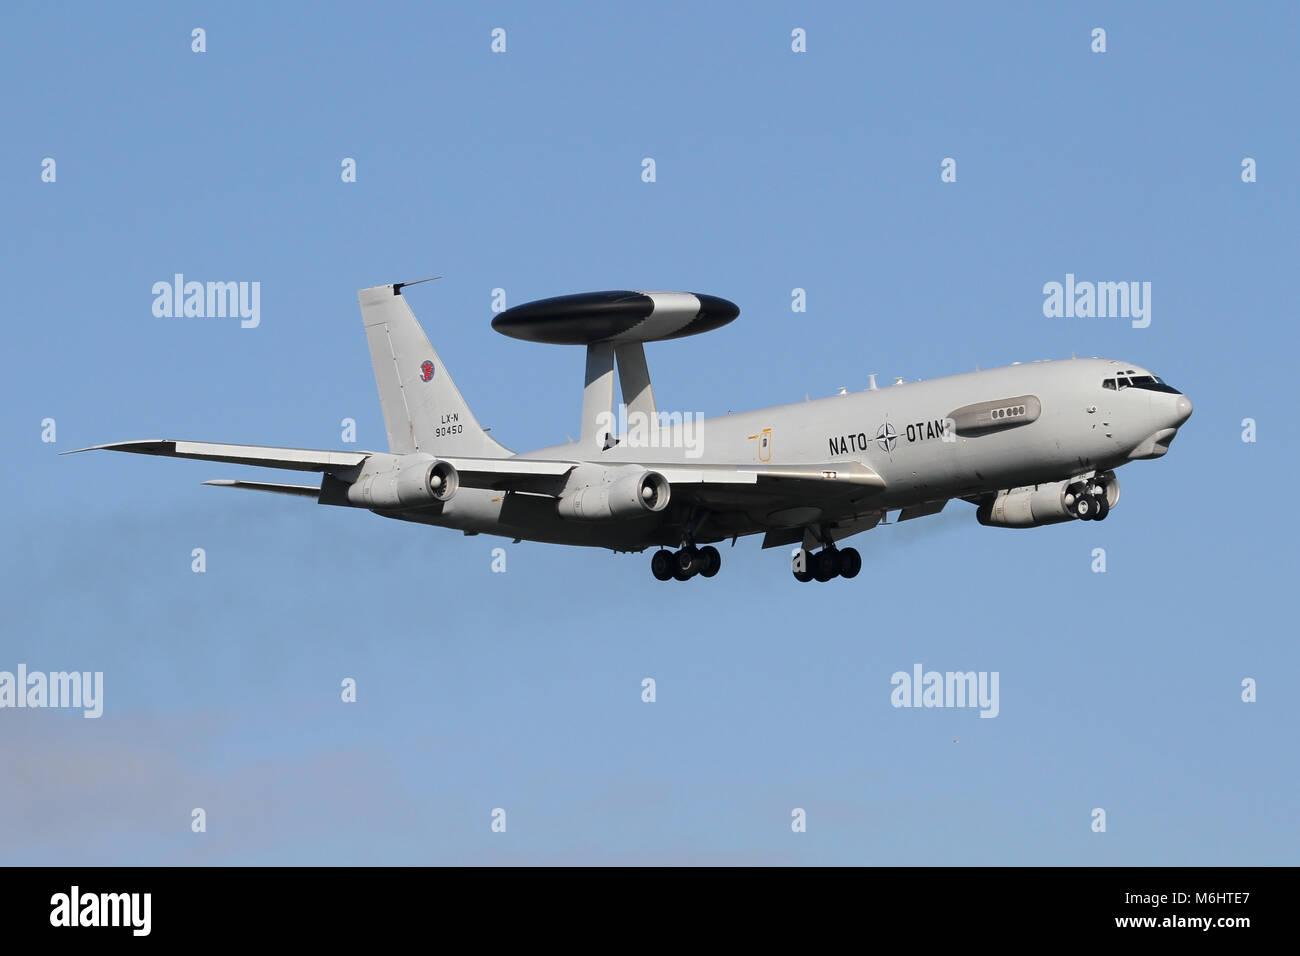 Boeing E-3A de l'OTAN Sentry de Geilenkirchen, en Allemagne, en approche de RAF Mildenhall au cours d'un Photo Stock